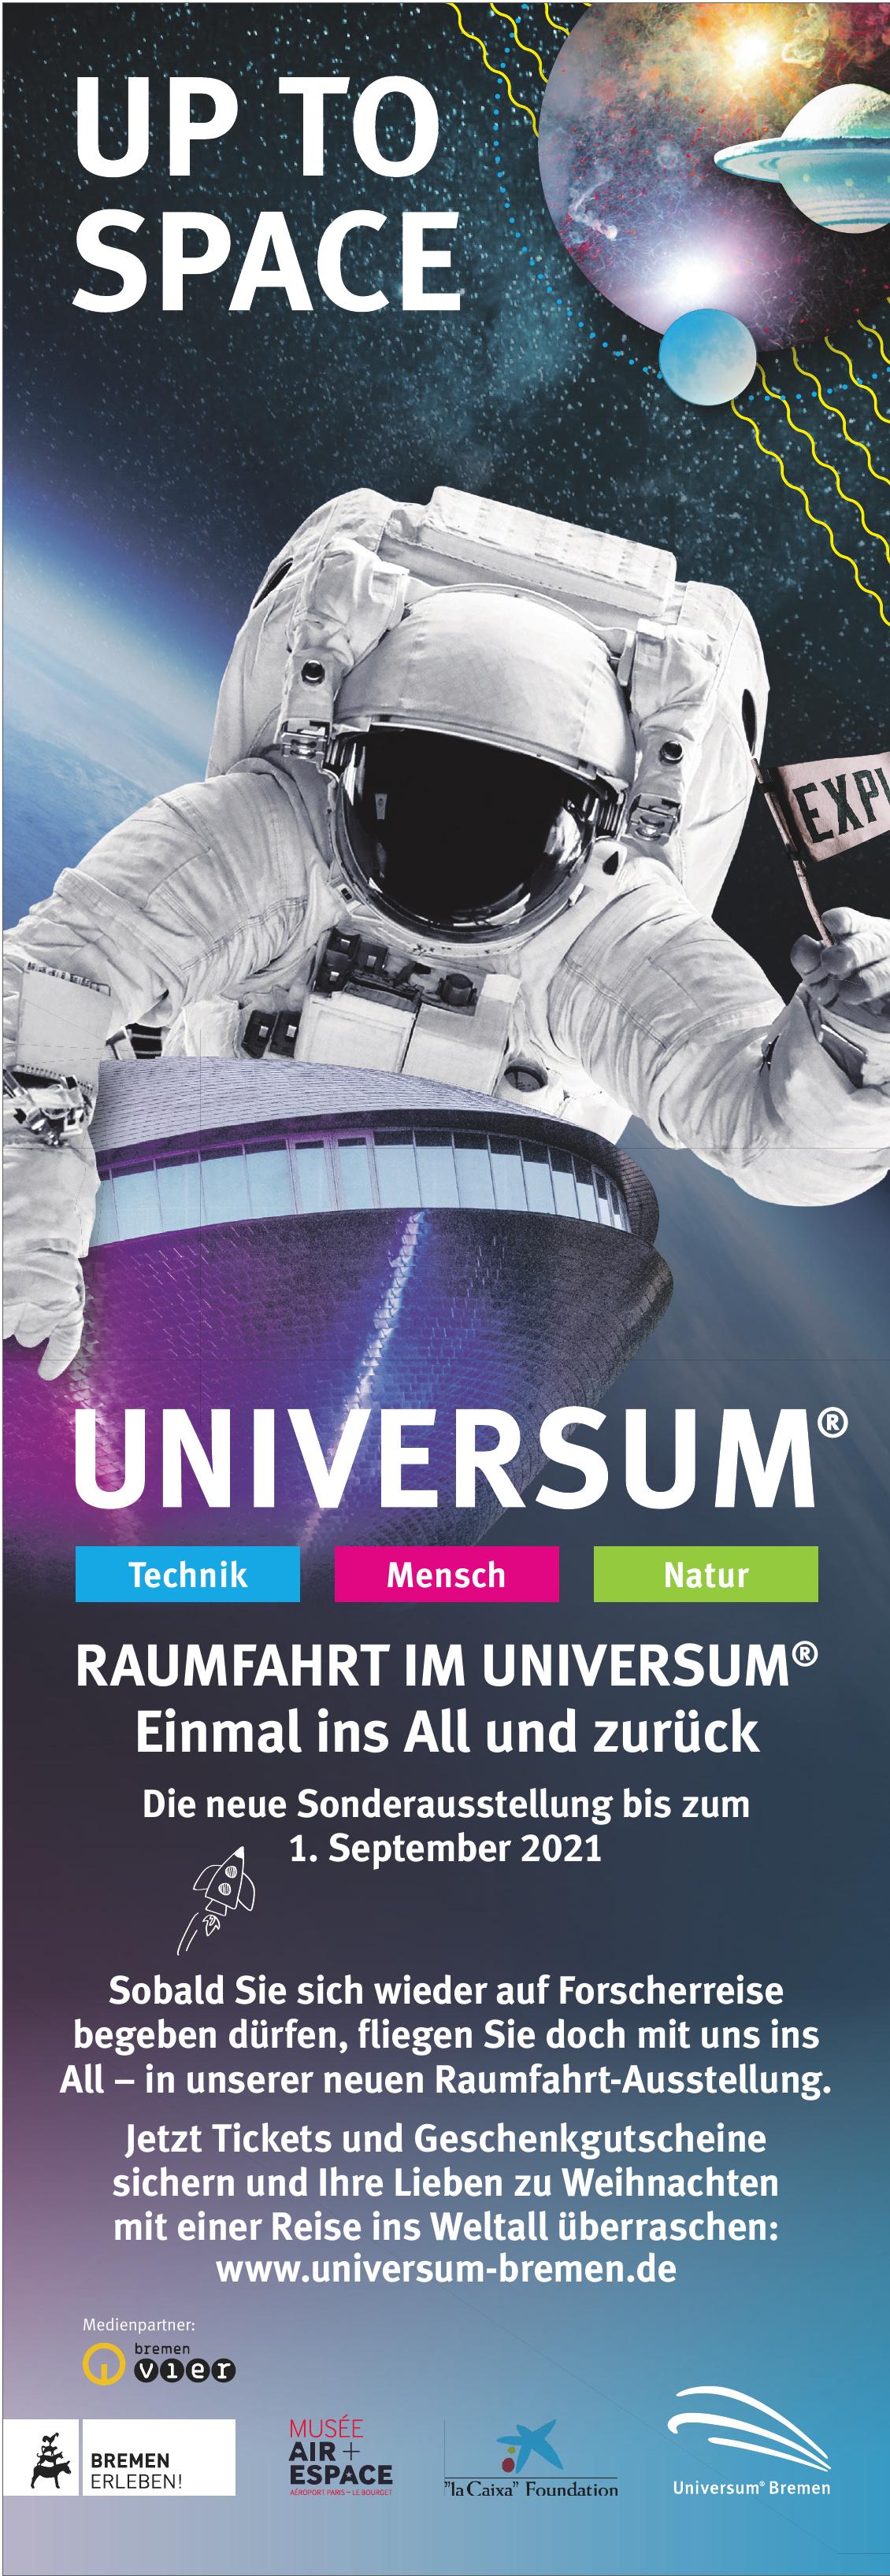 Universum® Bremen